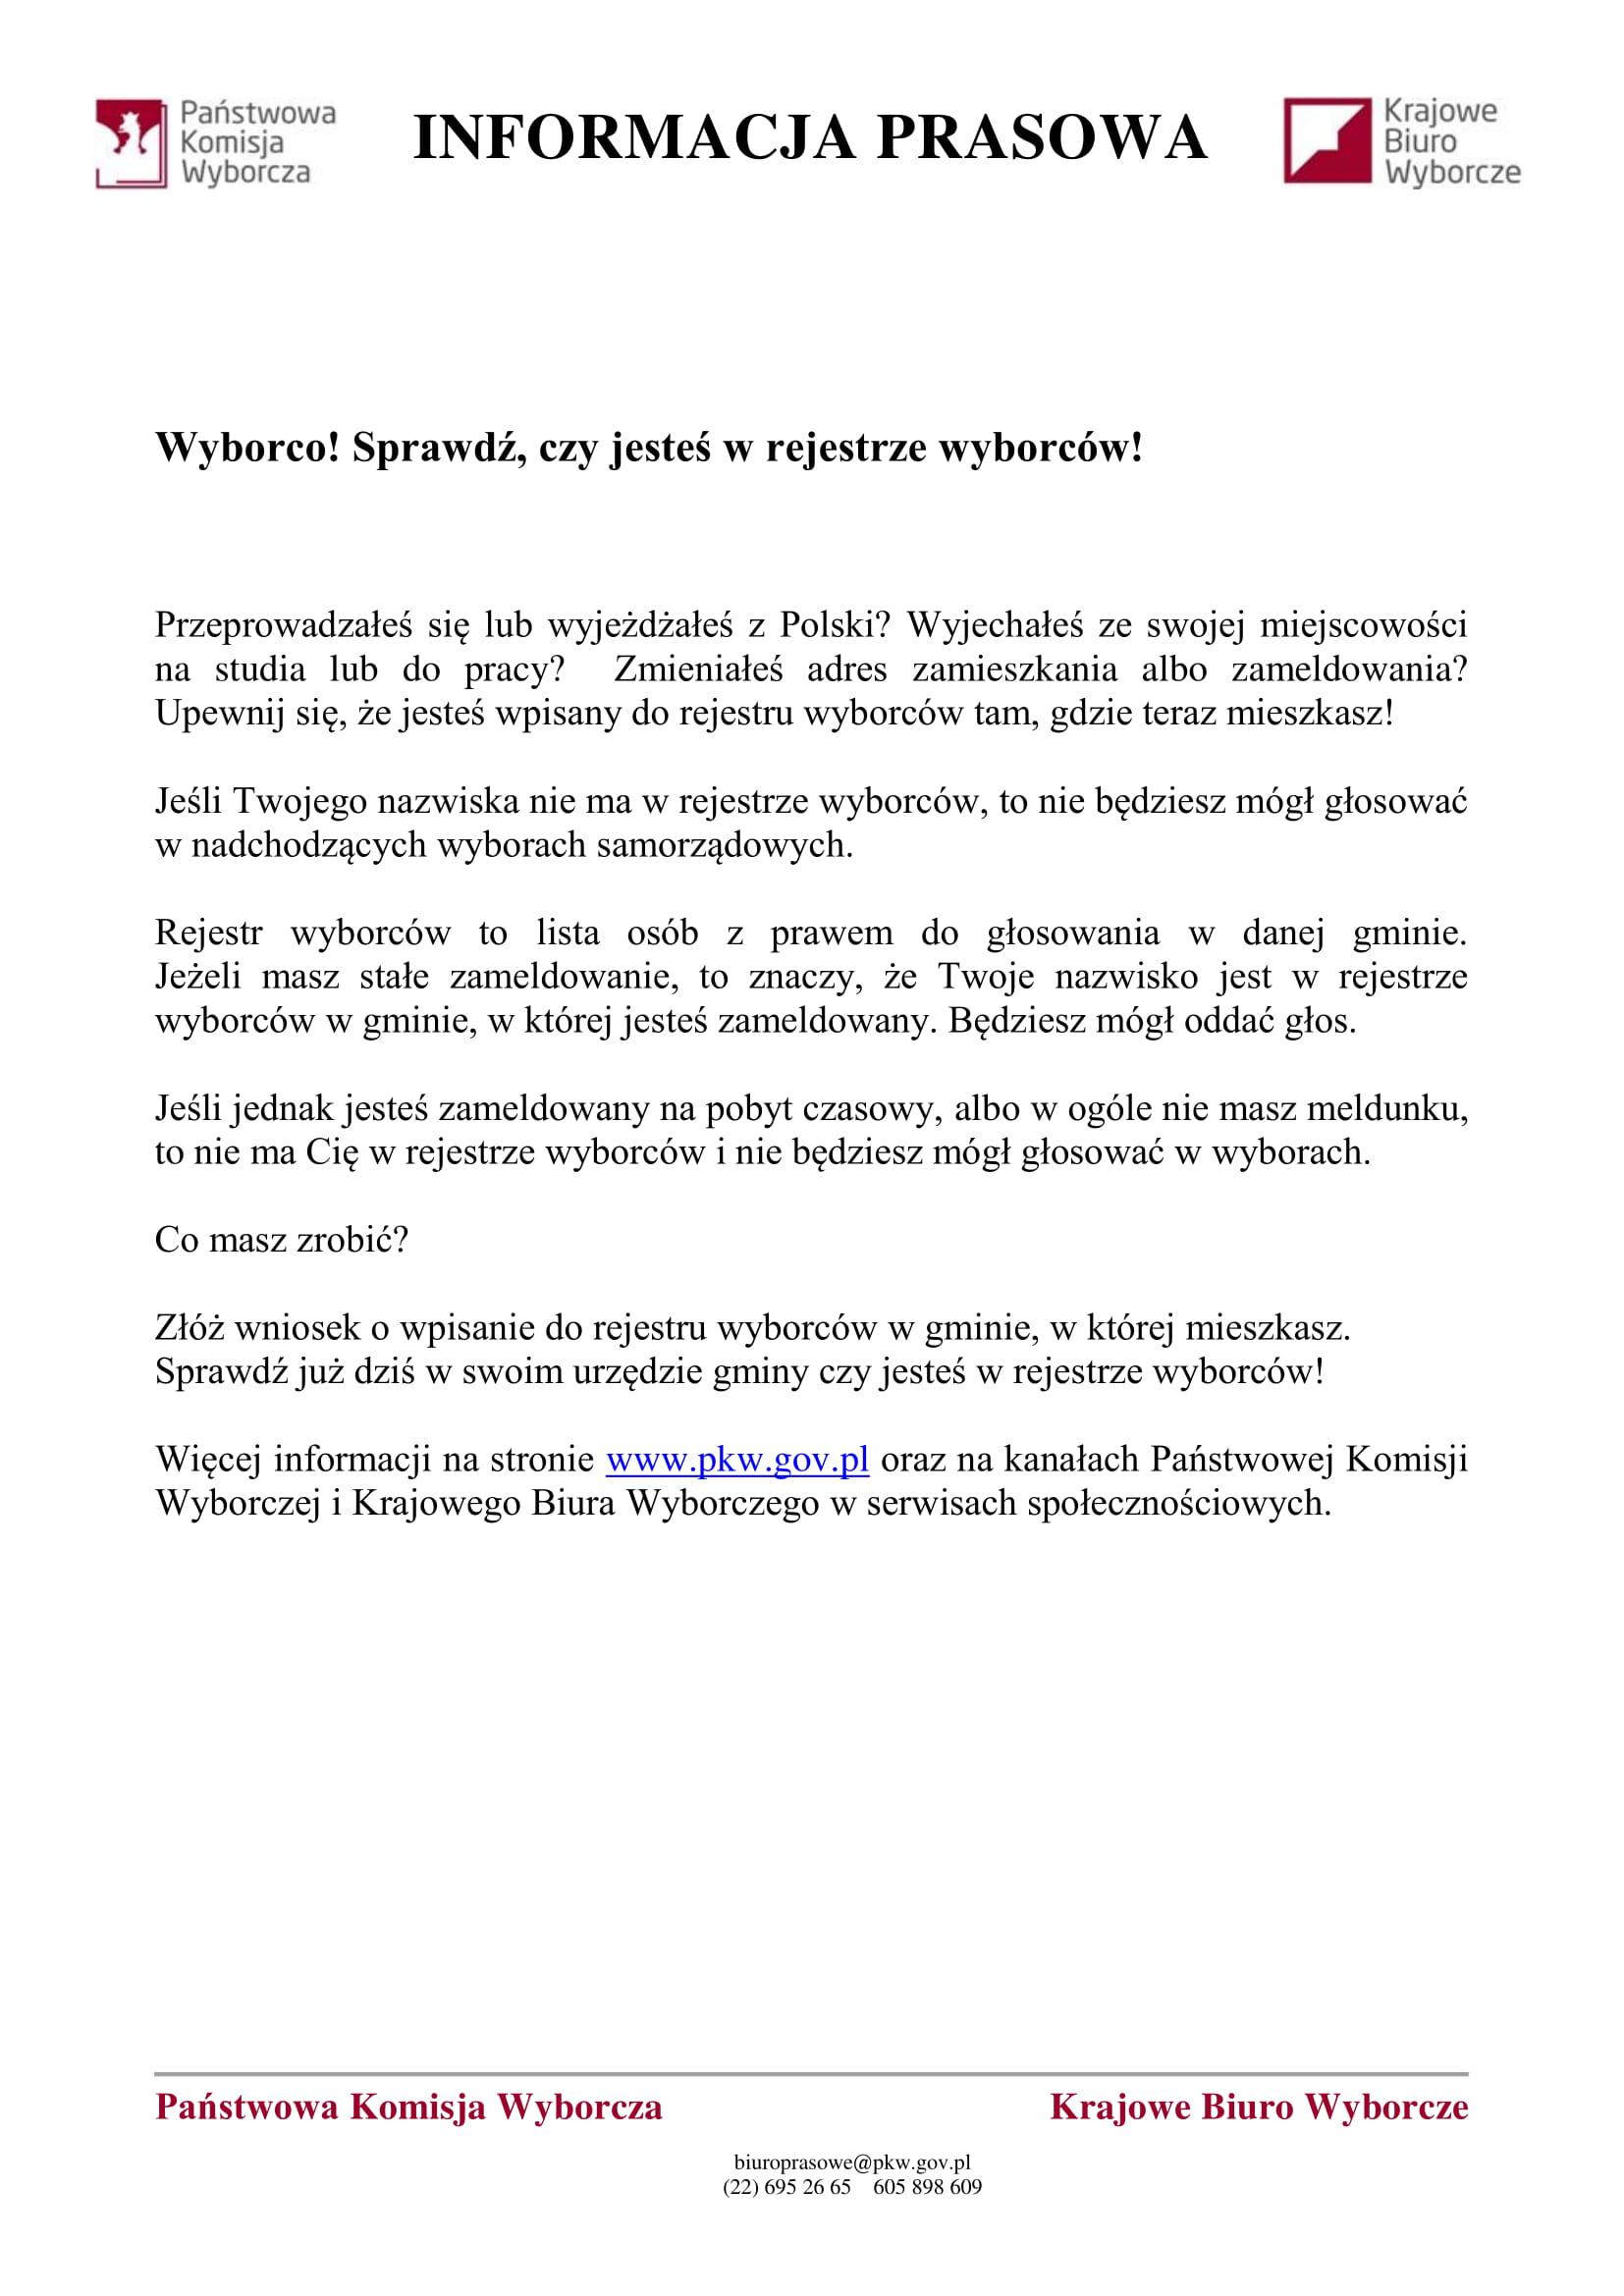 10.01.2018 Informacja prasowa - rejestr wyborców-1